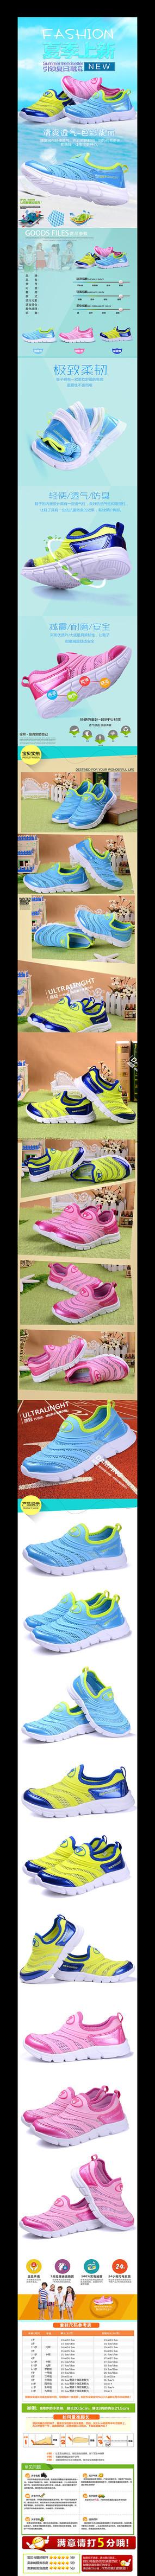 童鞋运动鞋详情页描述素材模板